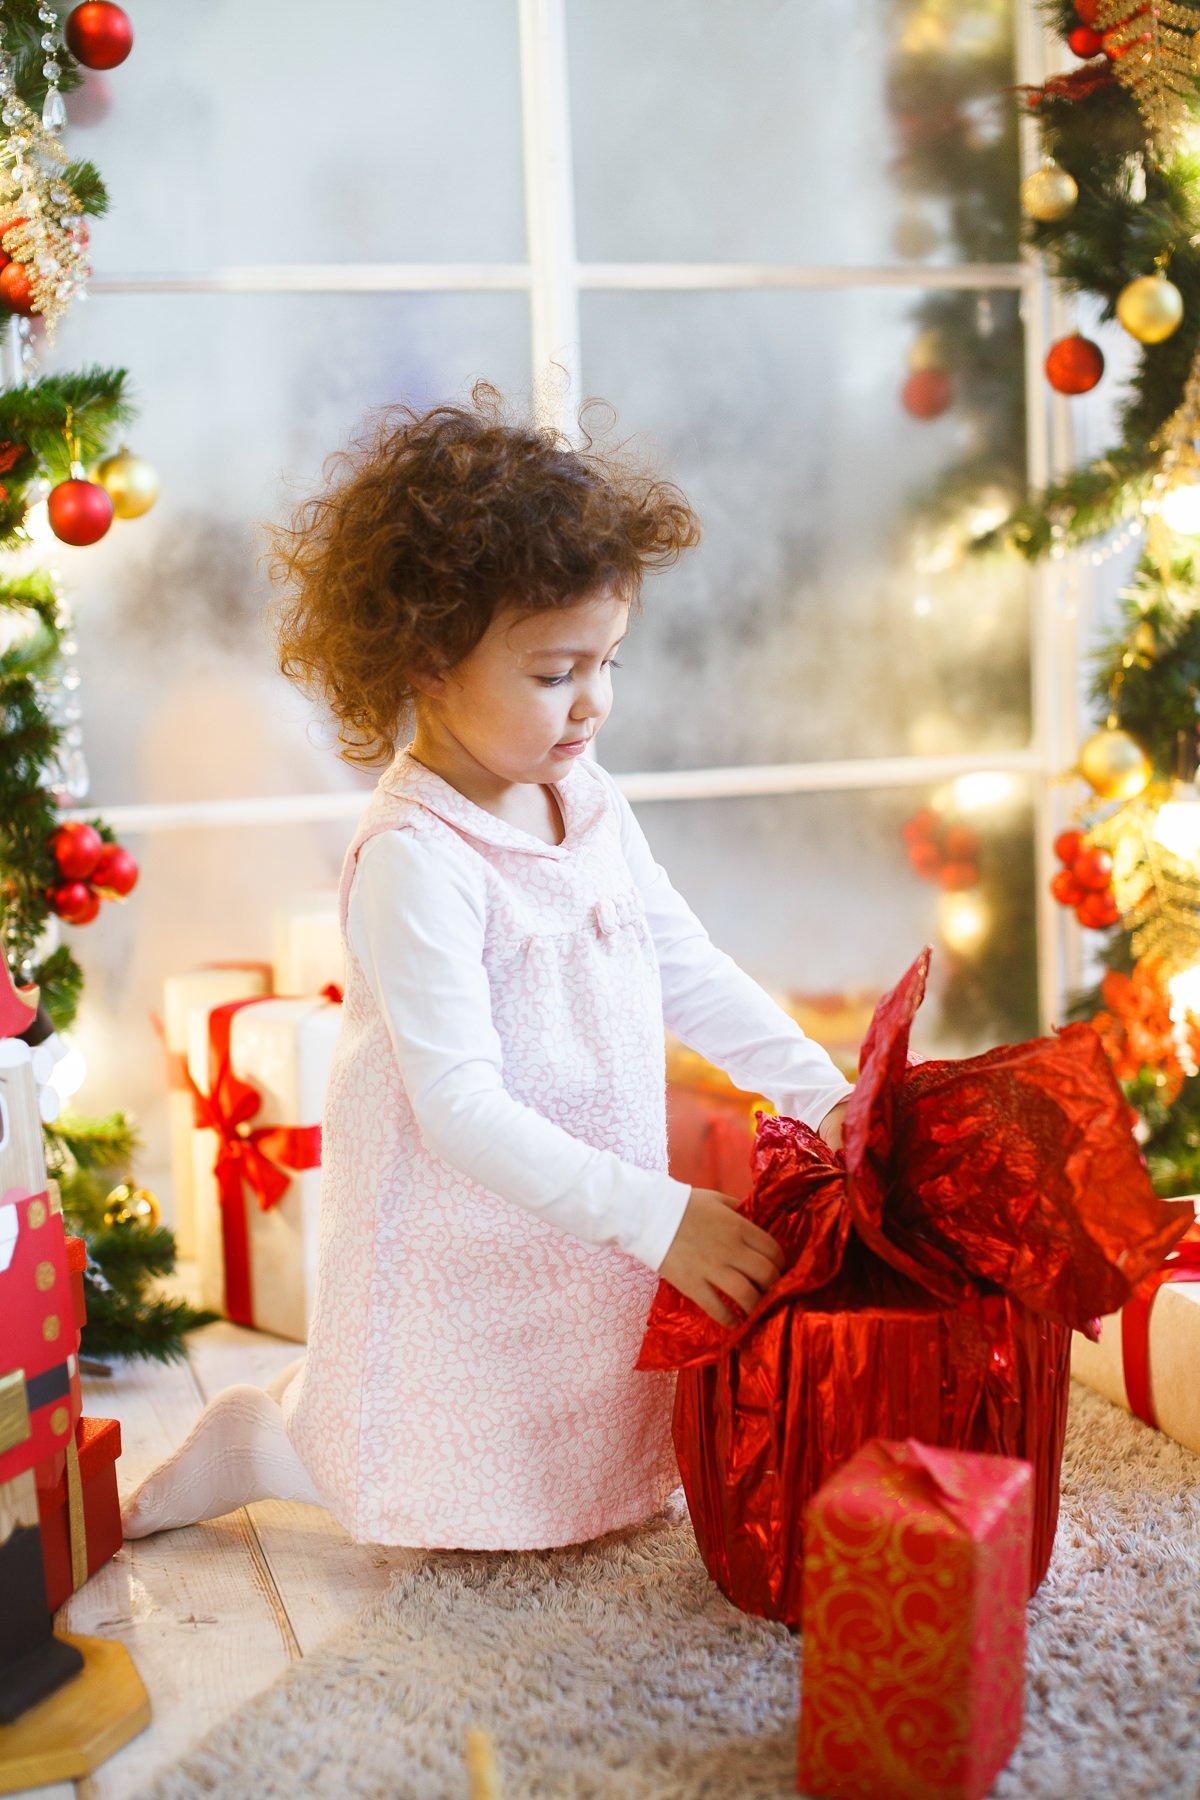 Фото ребёнка с большой подарочной коробкой возле ёлки